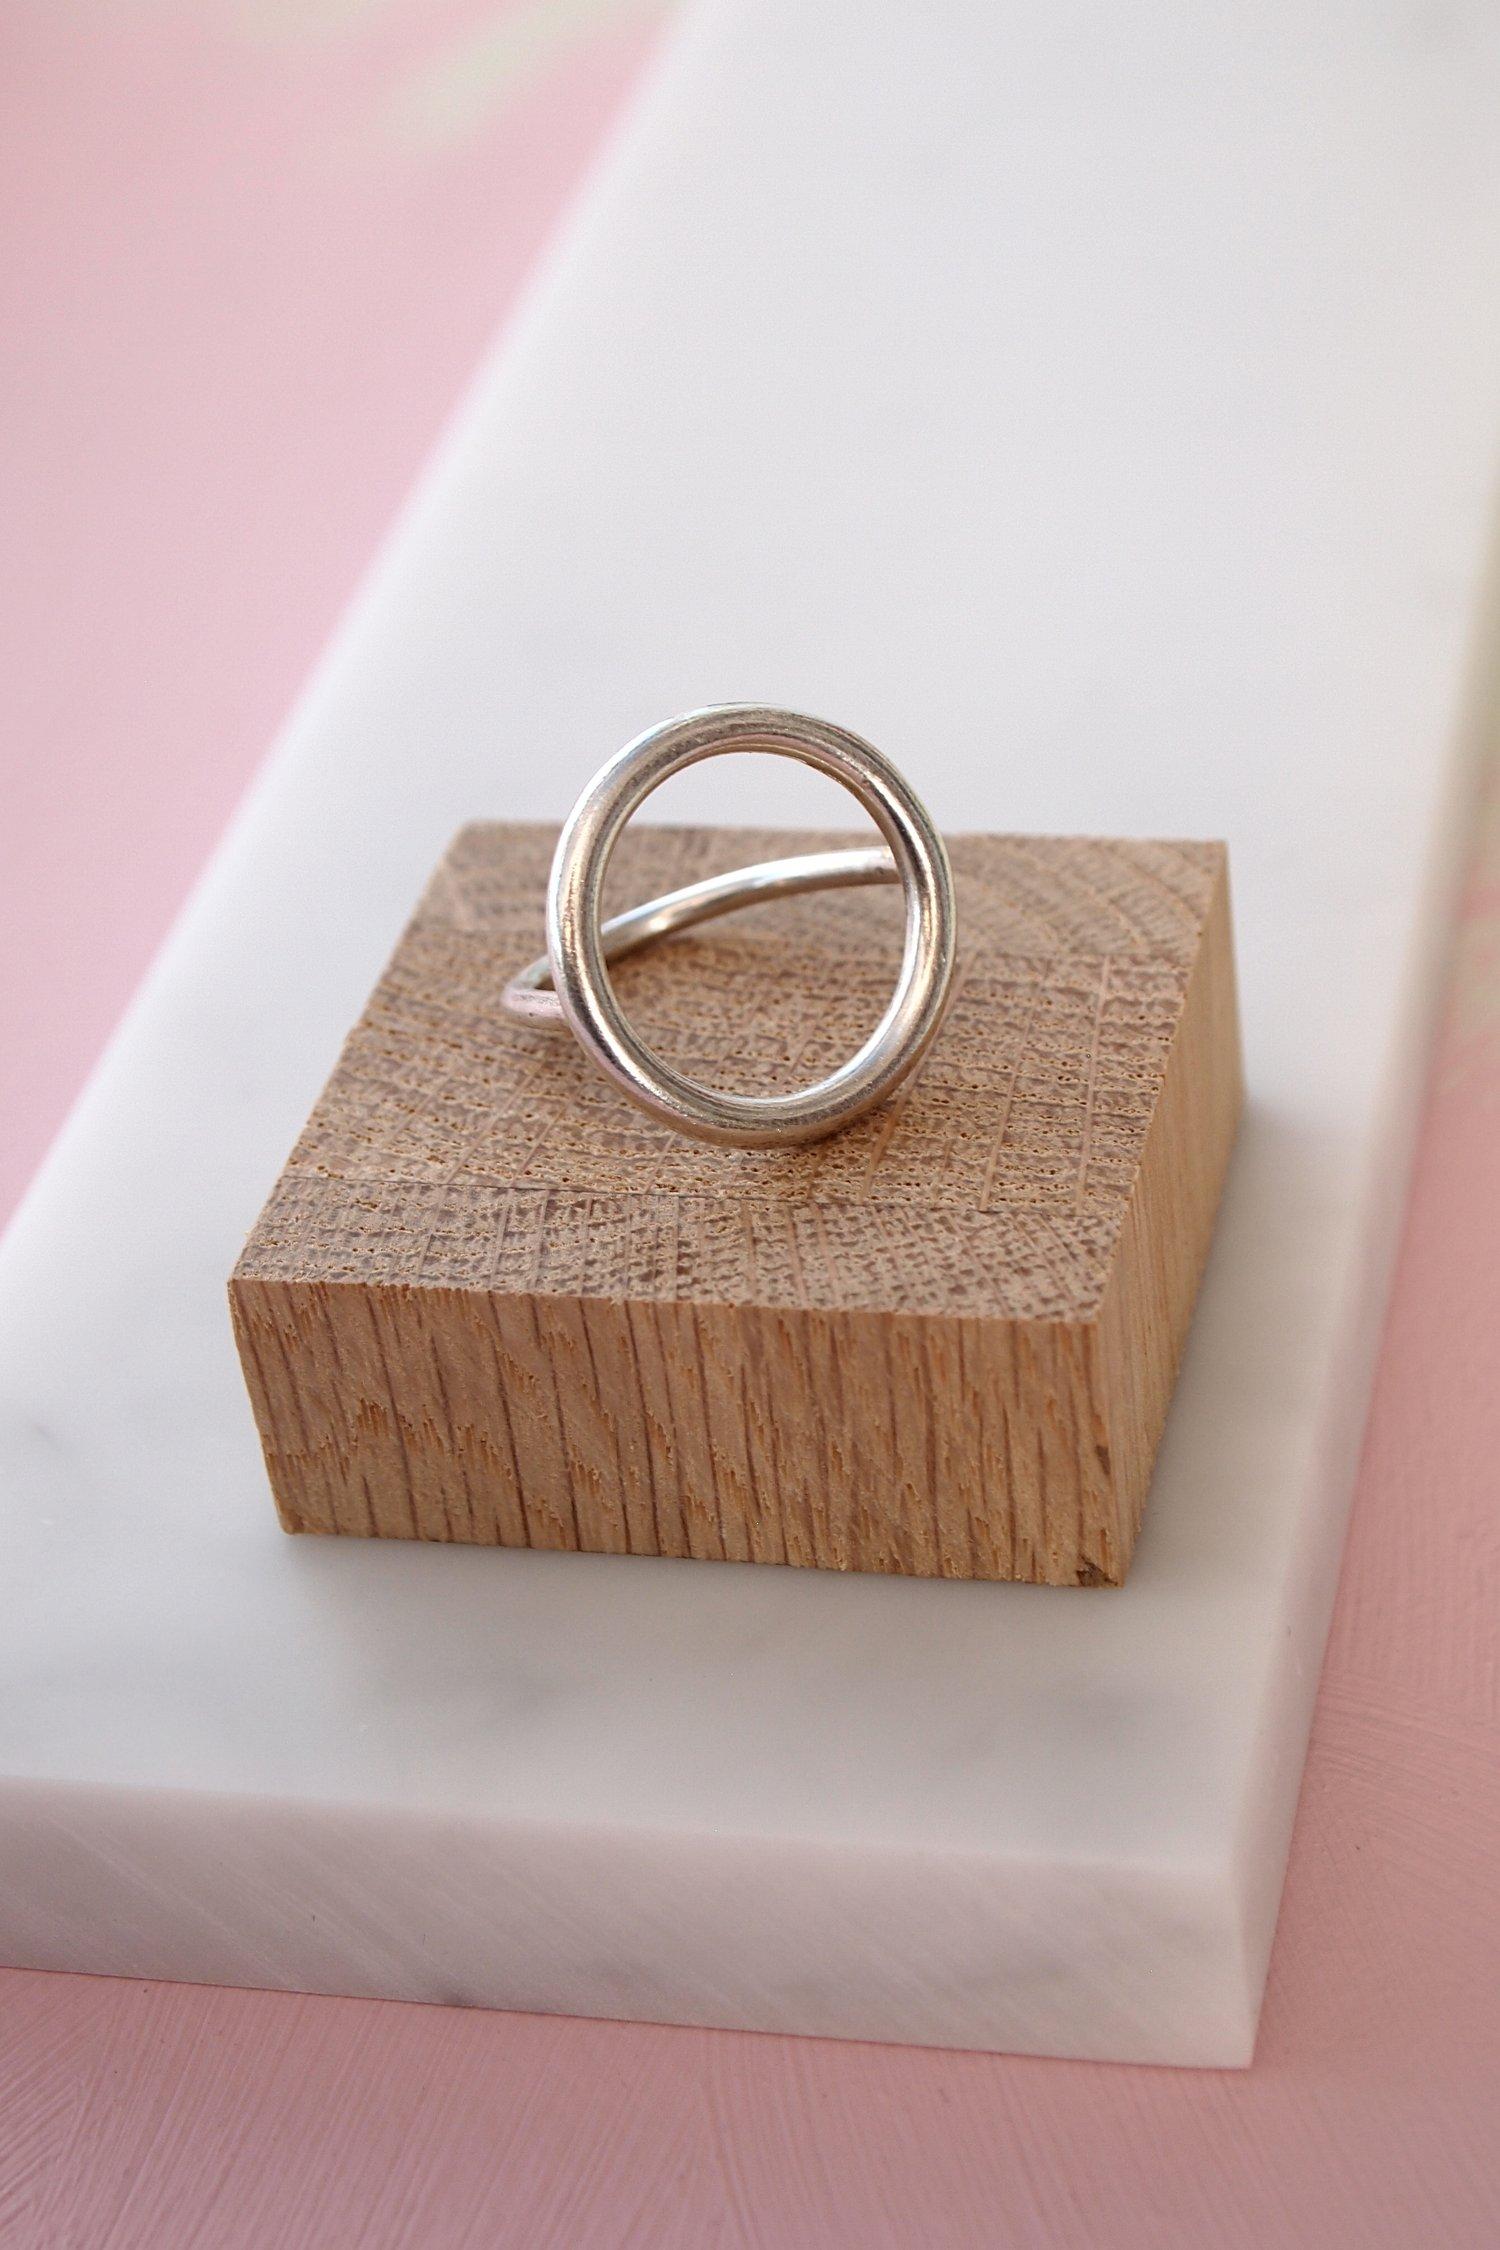 Image of ring ring!